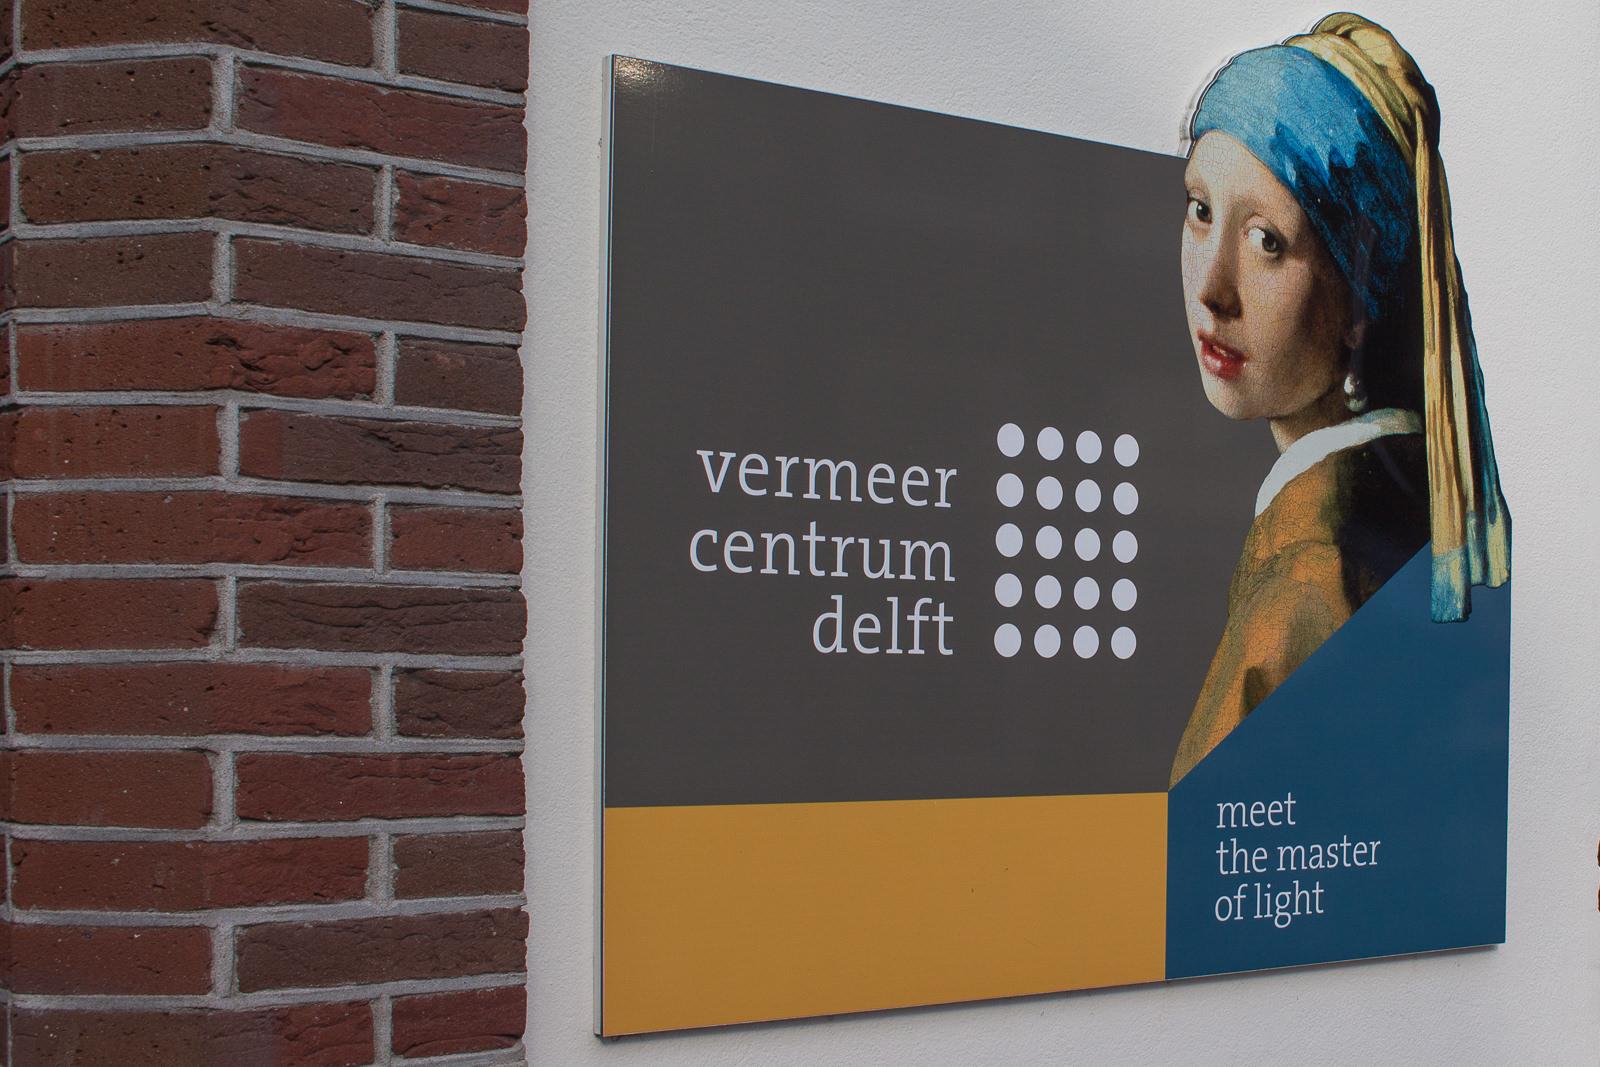 delft, südholland, holland, niederlande, städtetrip, sightseeing, vermeer